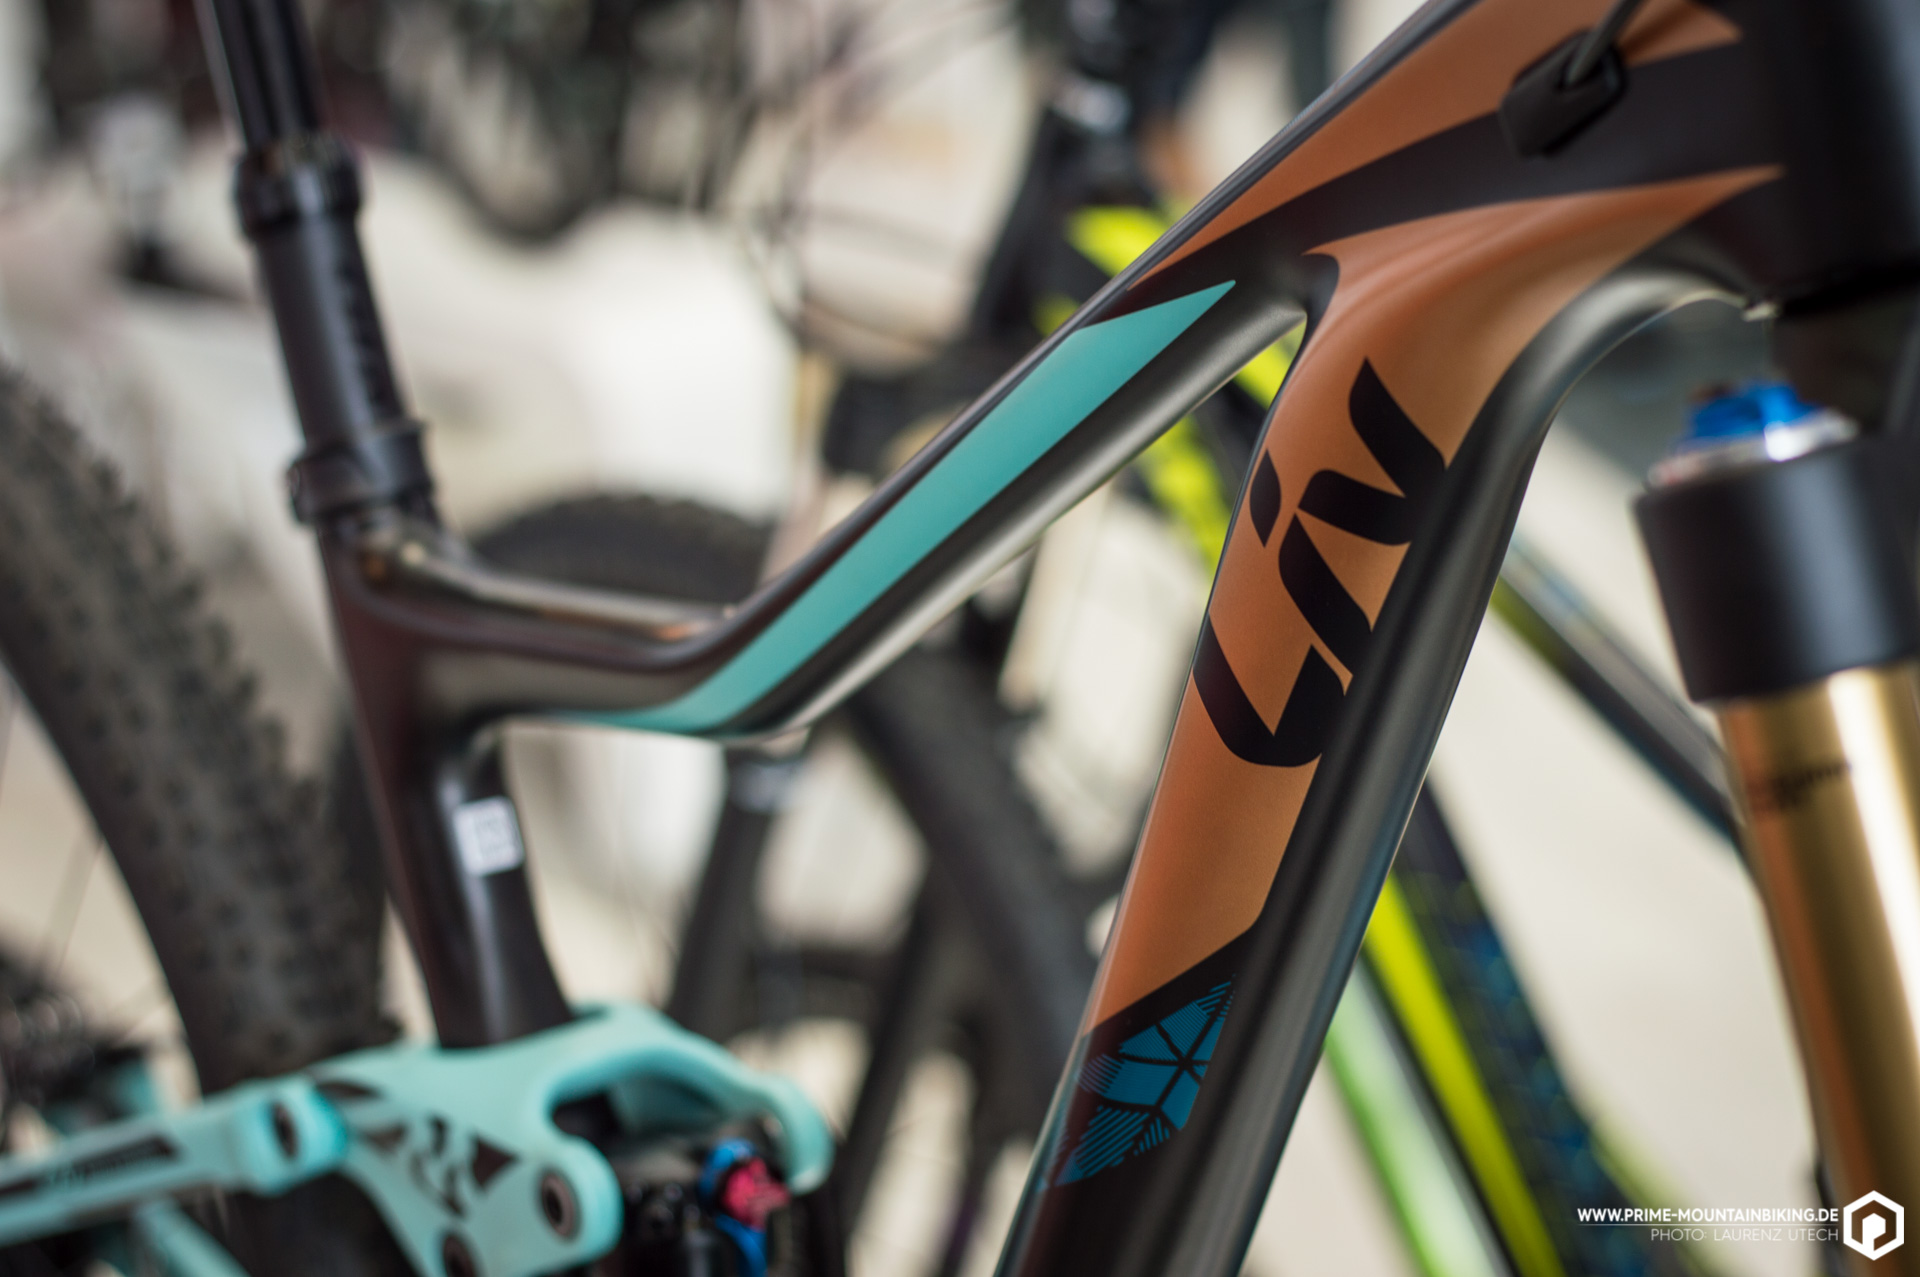 ... und an den Bikes der Ladys-Brand Liv.